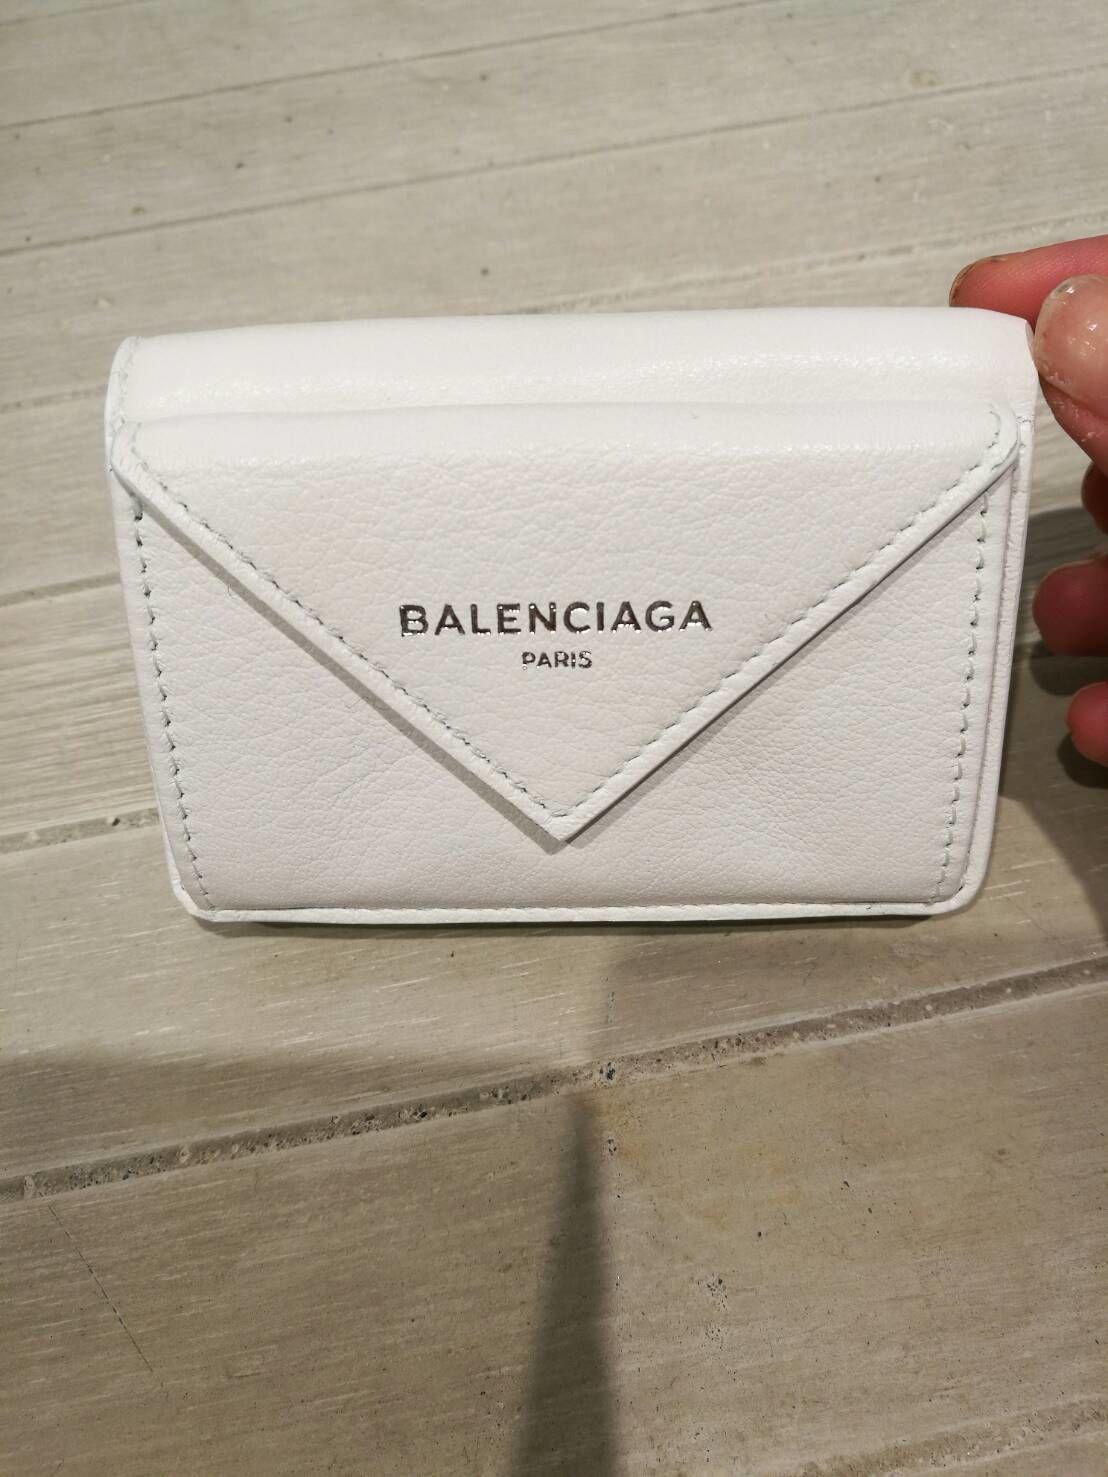 バレンシアガ三つ折りミニウォレット新色気品溢れるホワイト